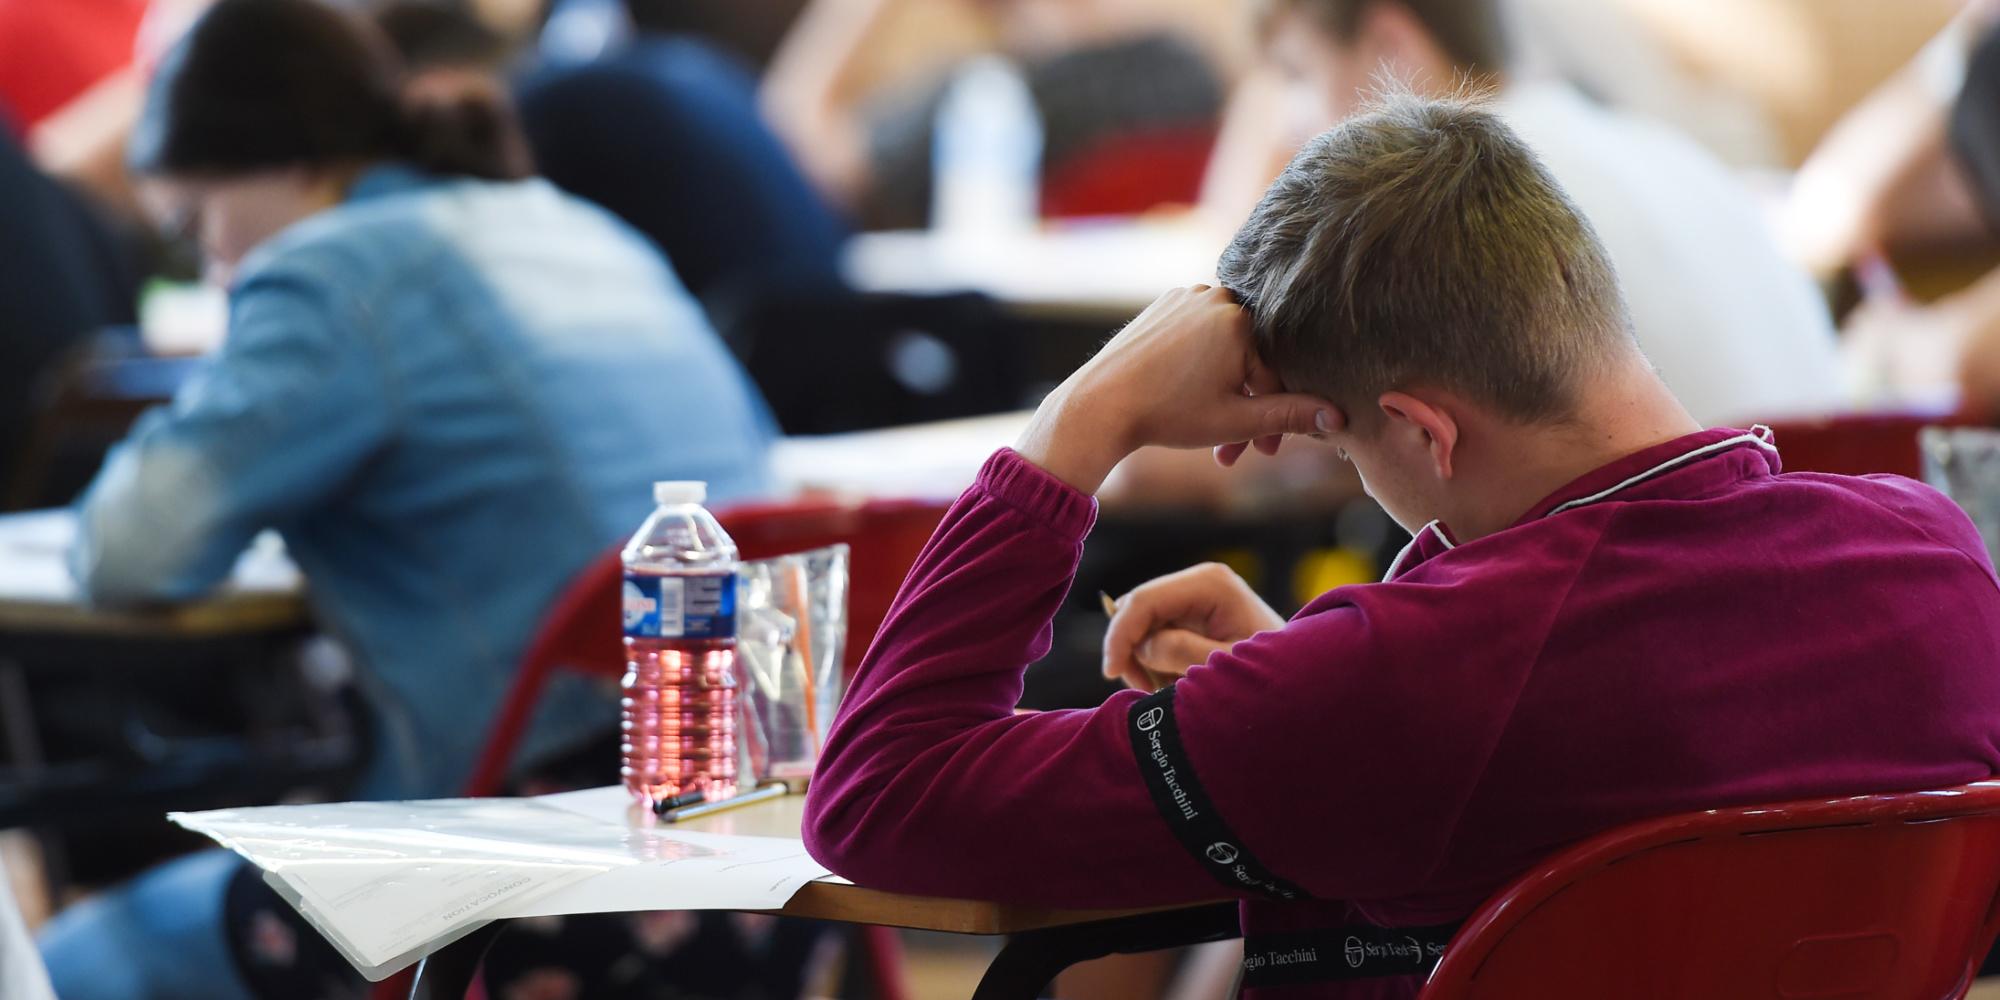 Études : les diplômes sont-ils toujours aussi valorisés en France ?